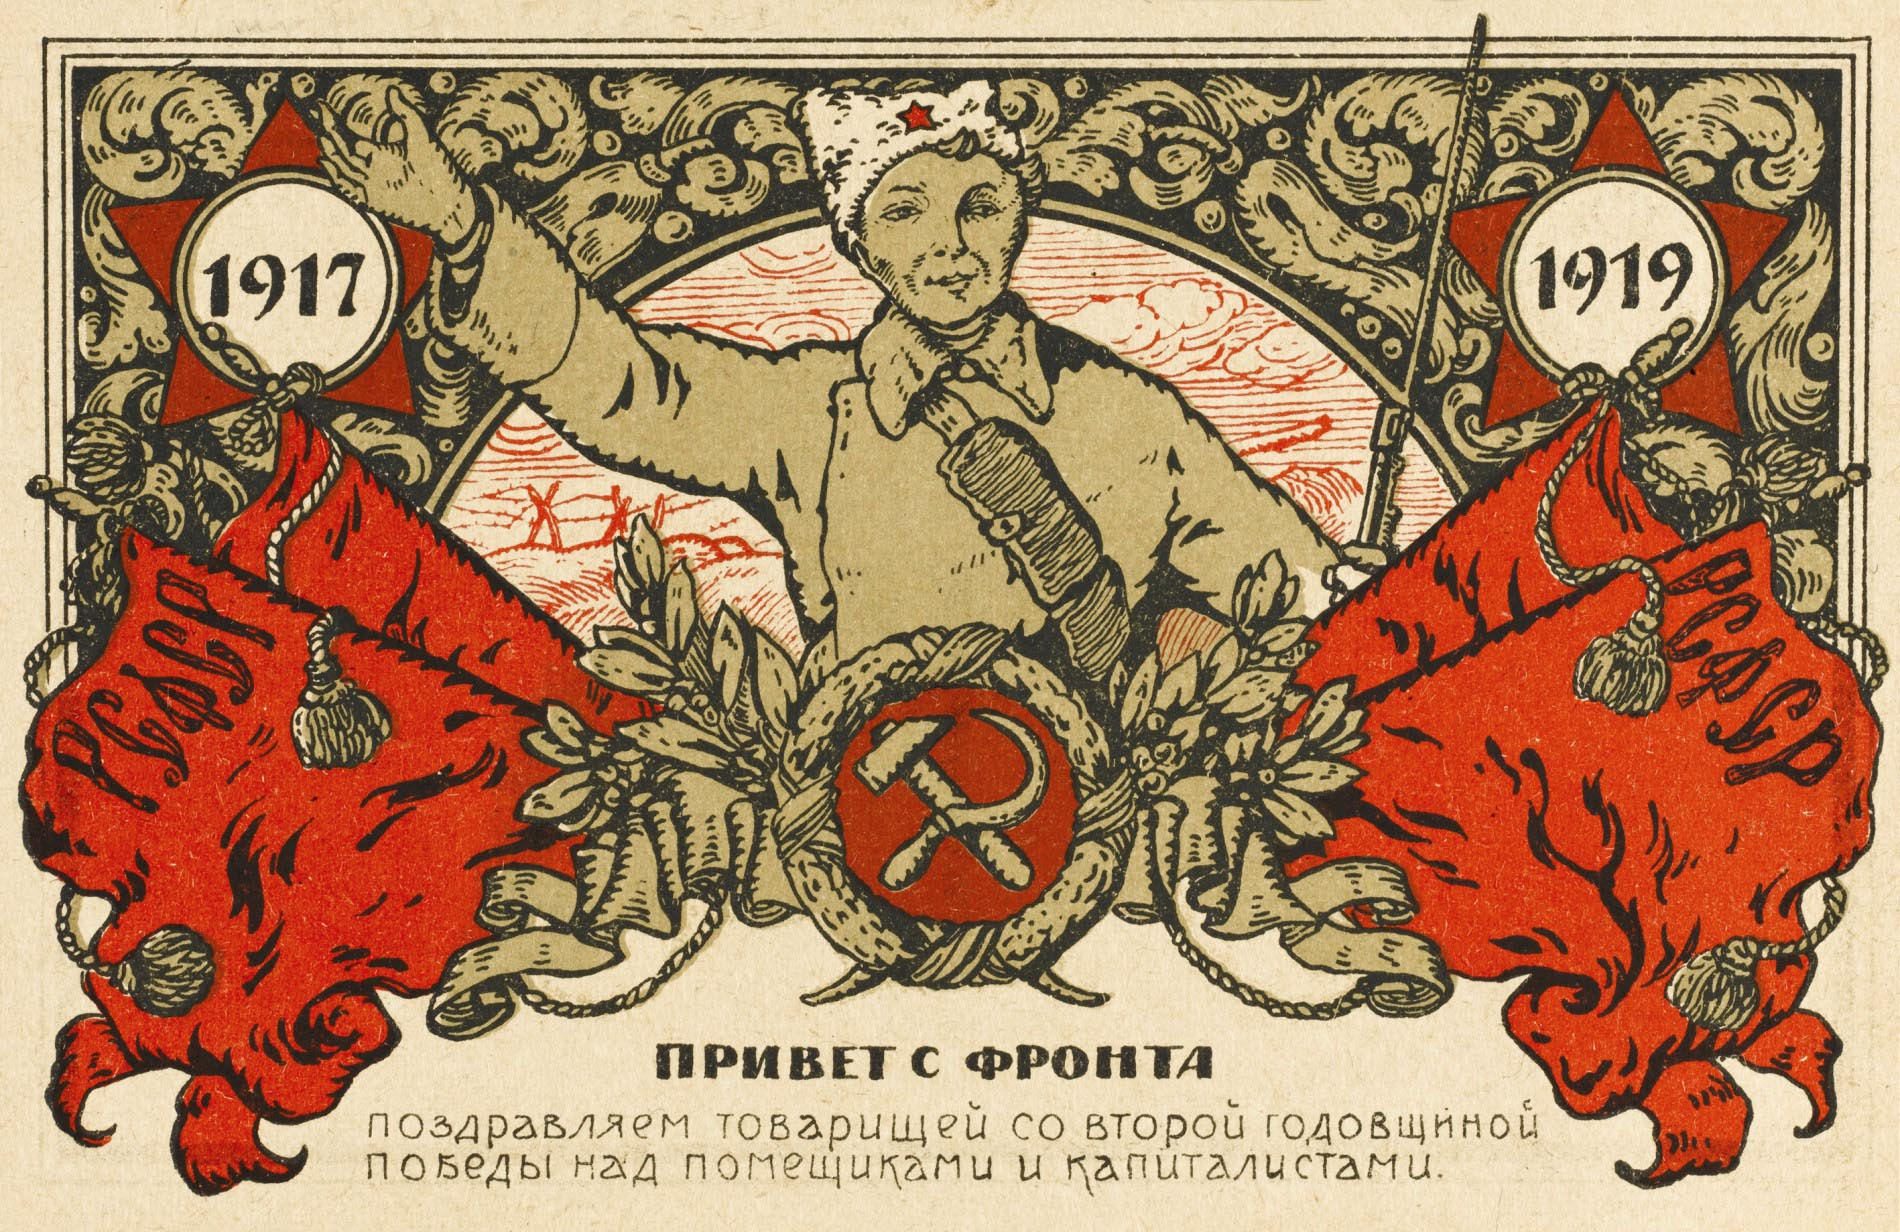 02.1919. Привет с фронта.